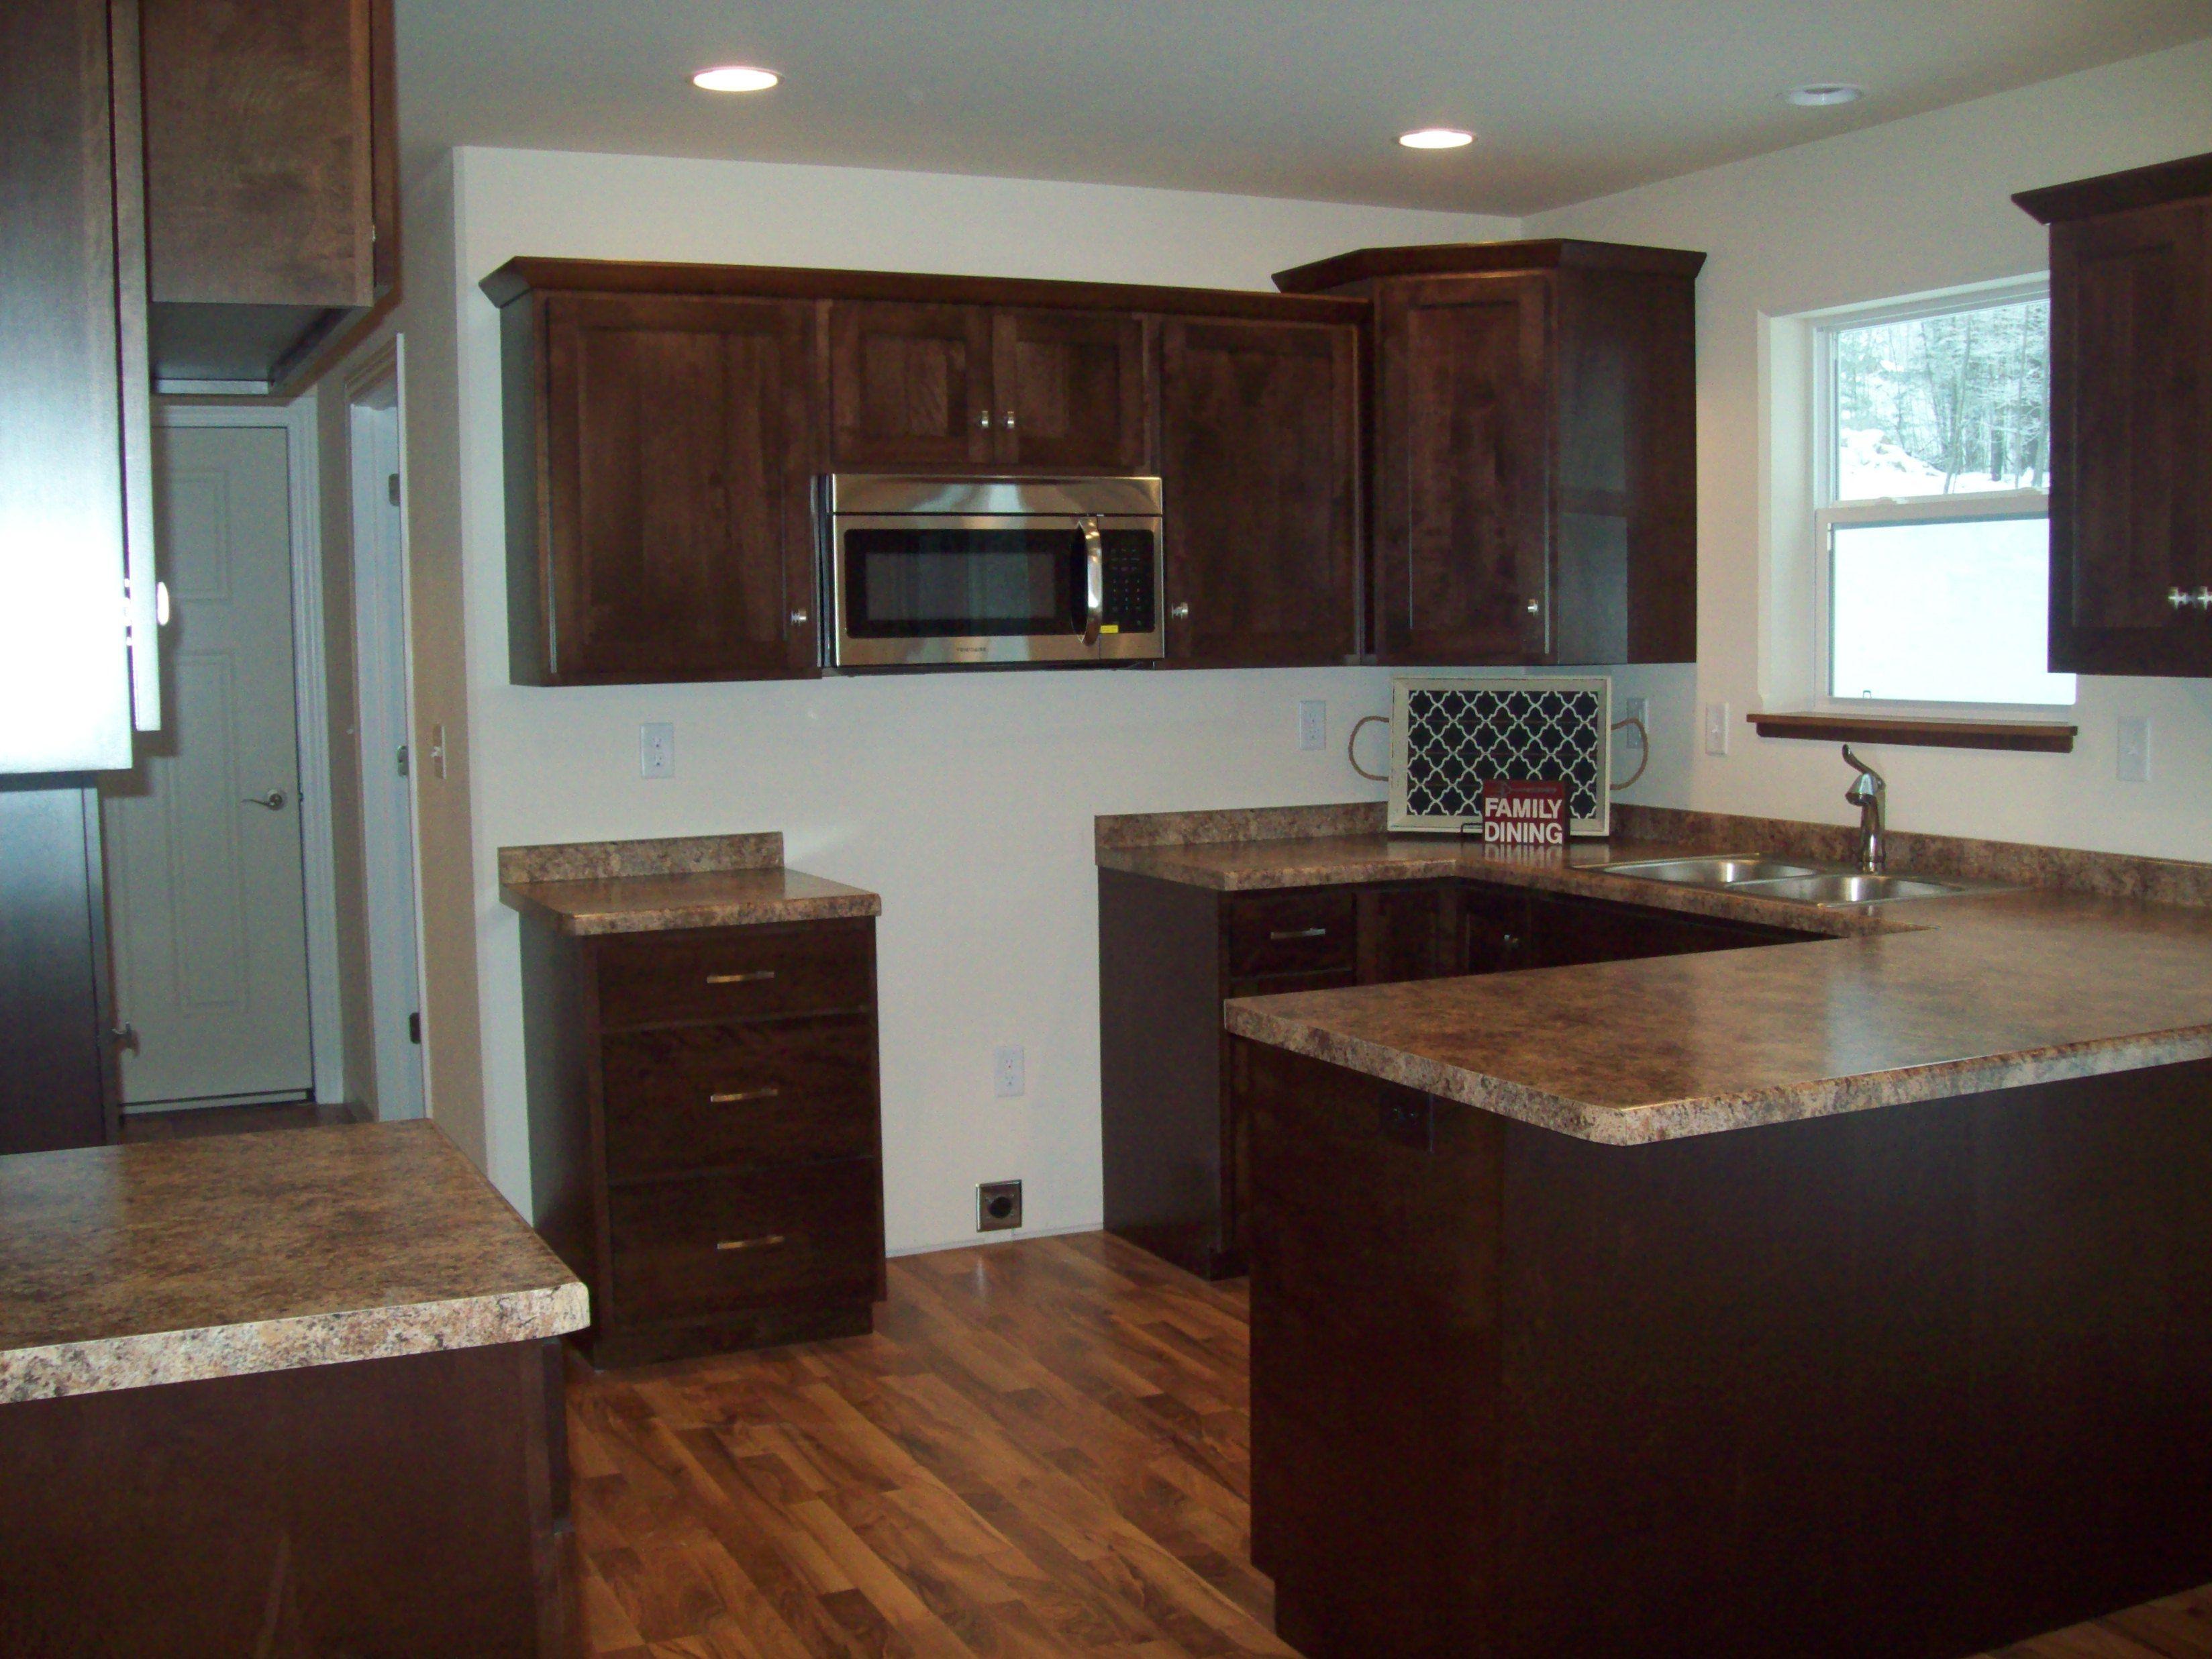 Formica Butterum Granite countertops. Custom maple ... on Maple Cabinets With Granite Countertops  id=59905